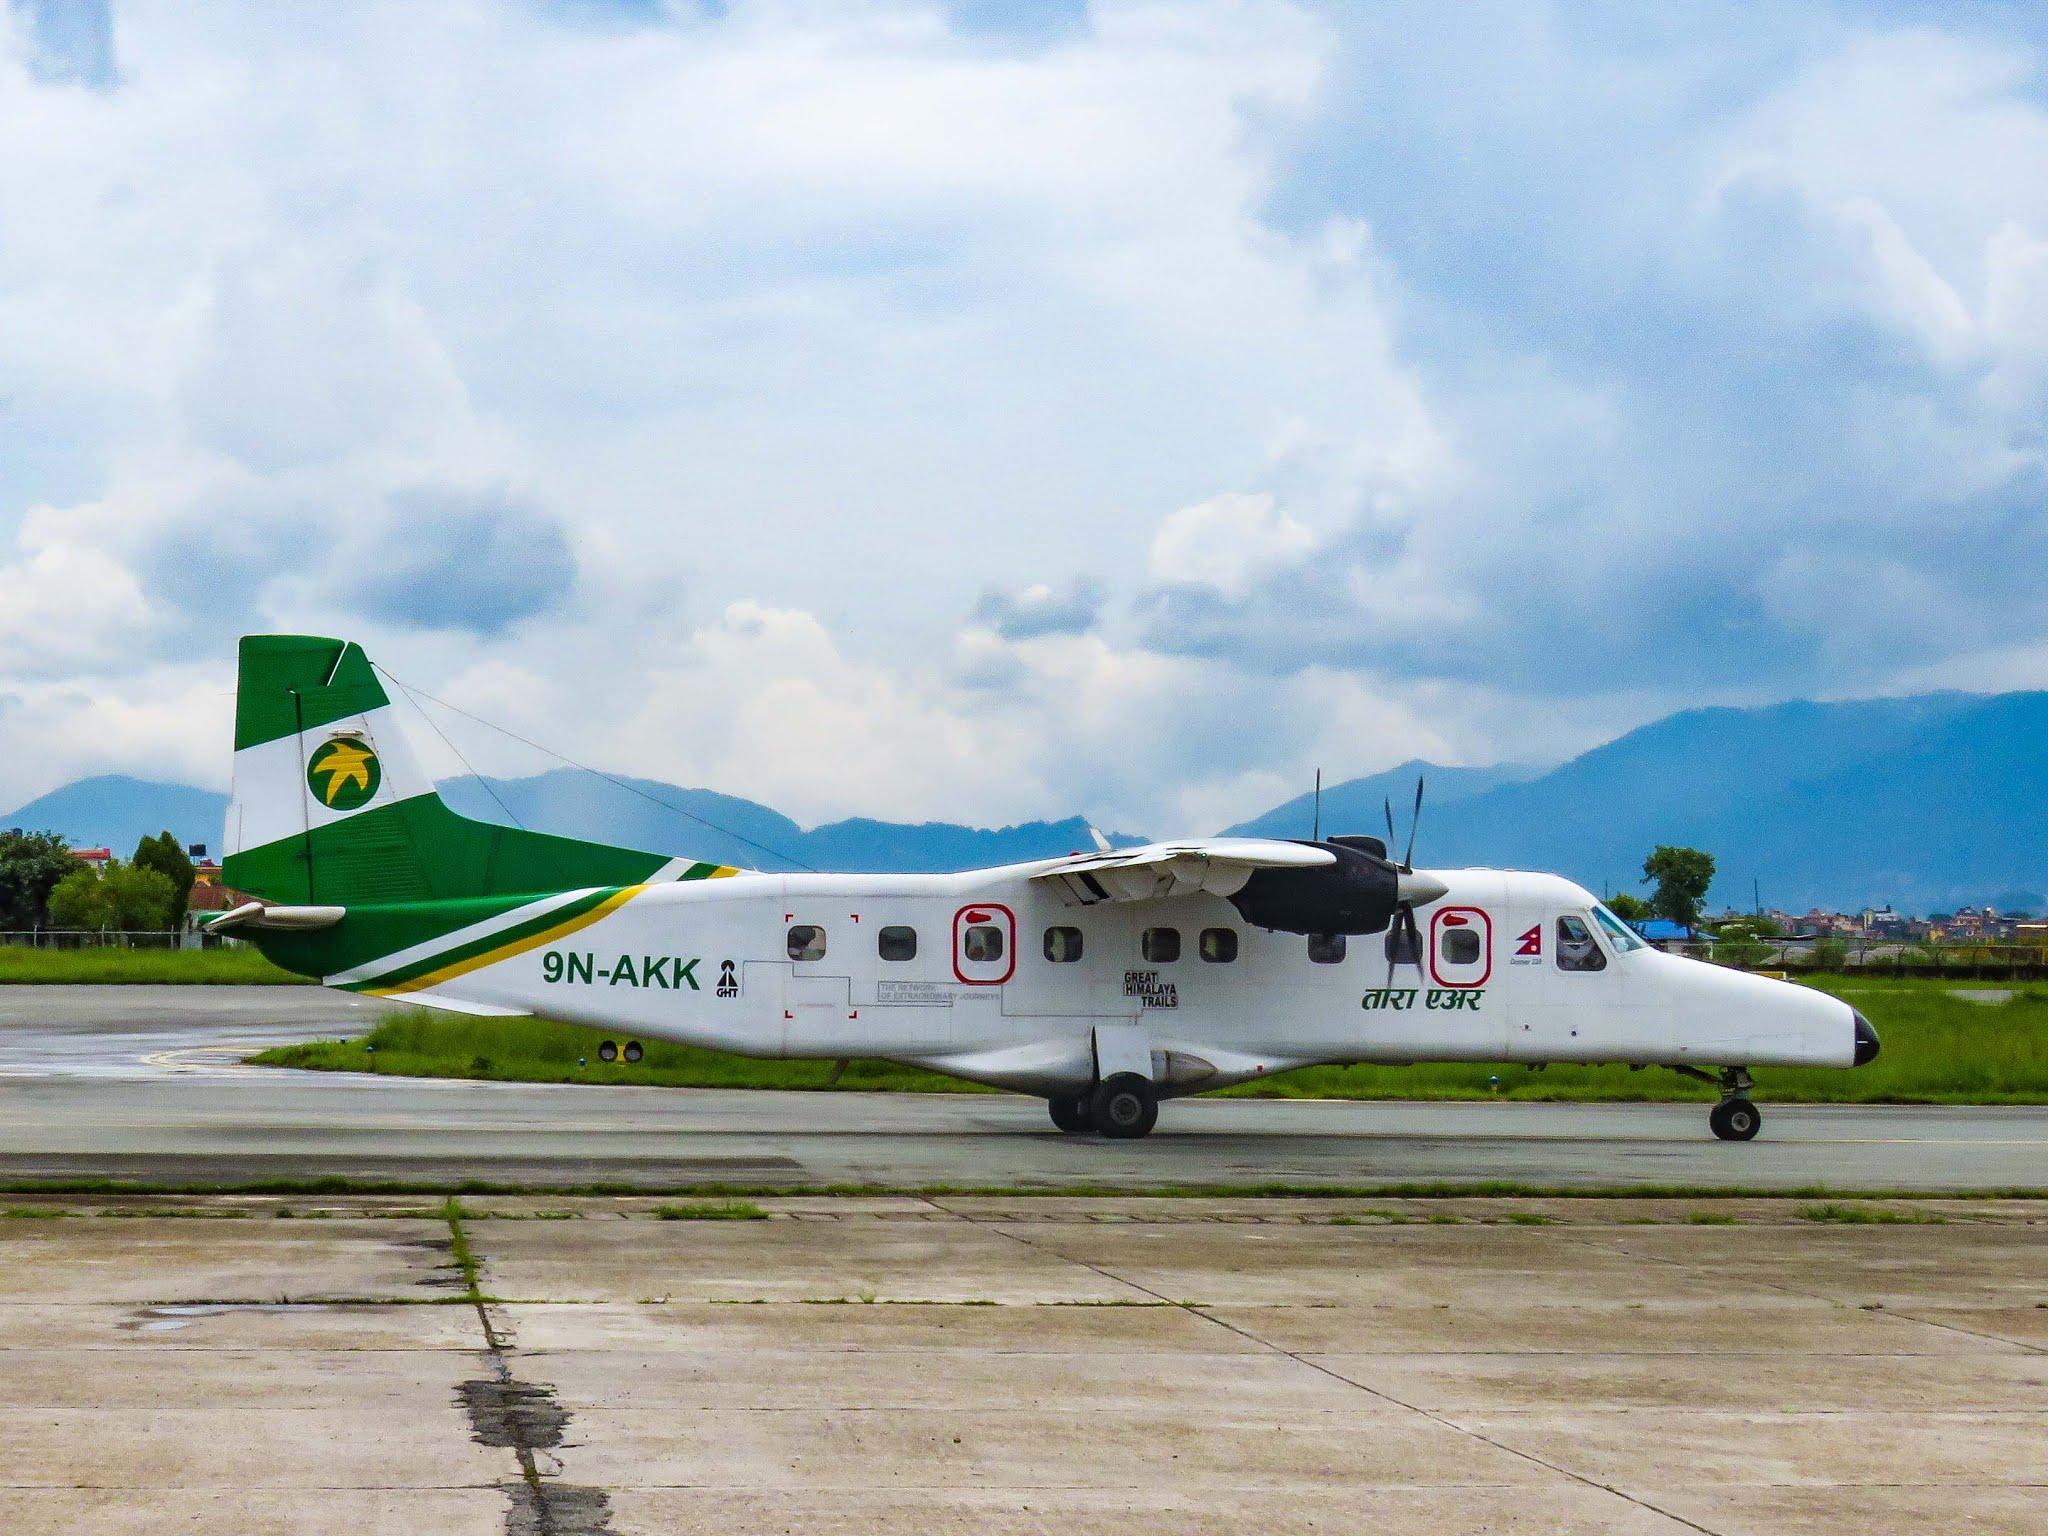 DO-228-212, tara air fleet tara airport tara air crash tara air safety tara air pilot jobs